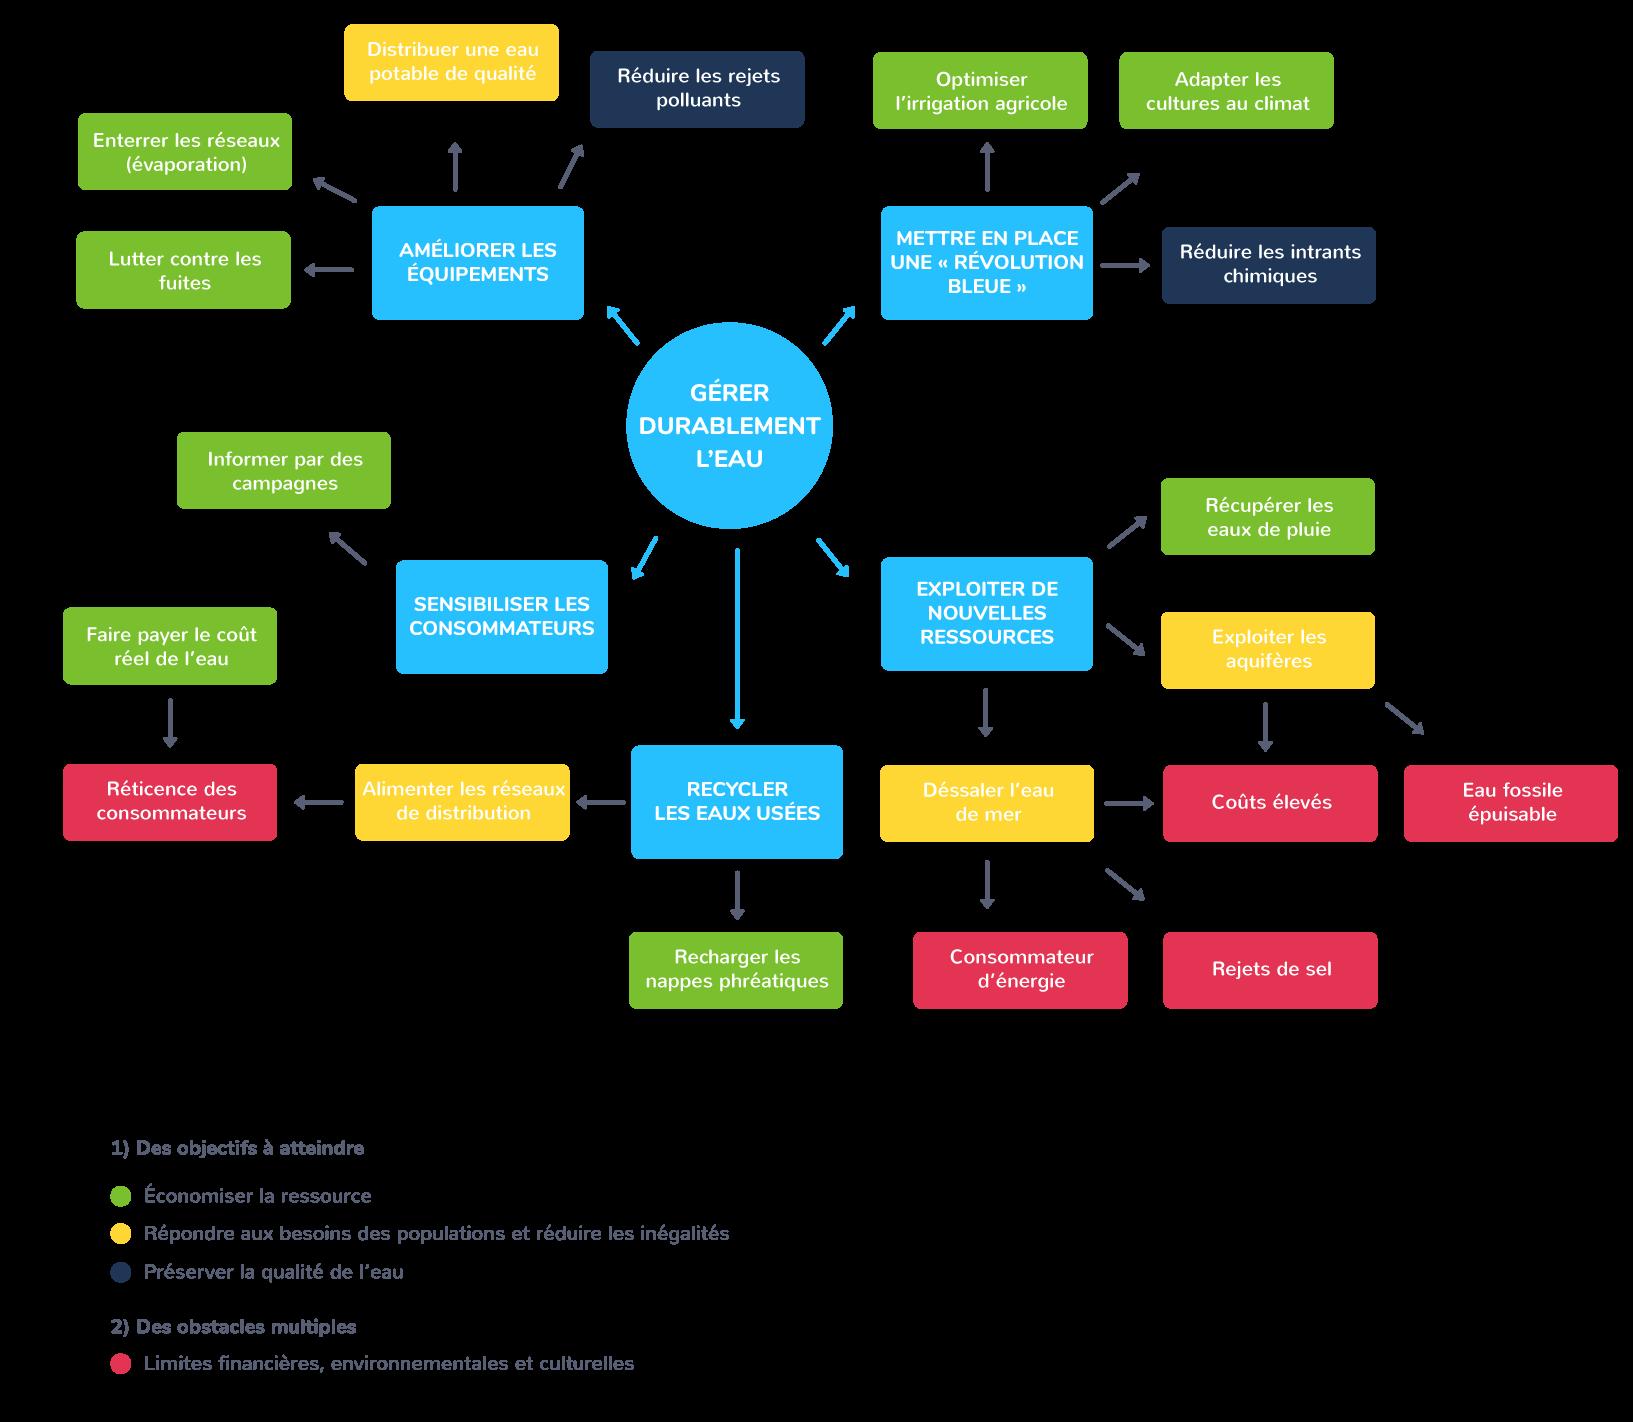 Enjeux et limites de la gestion durable de l'eau